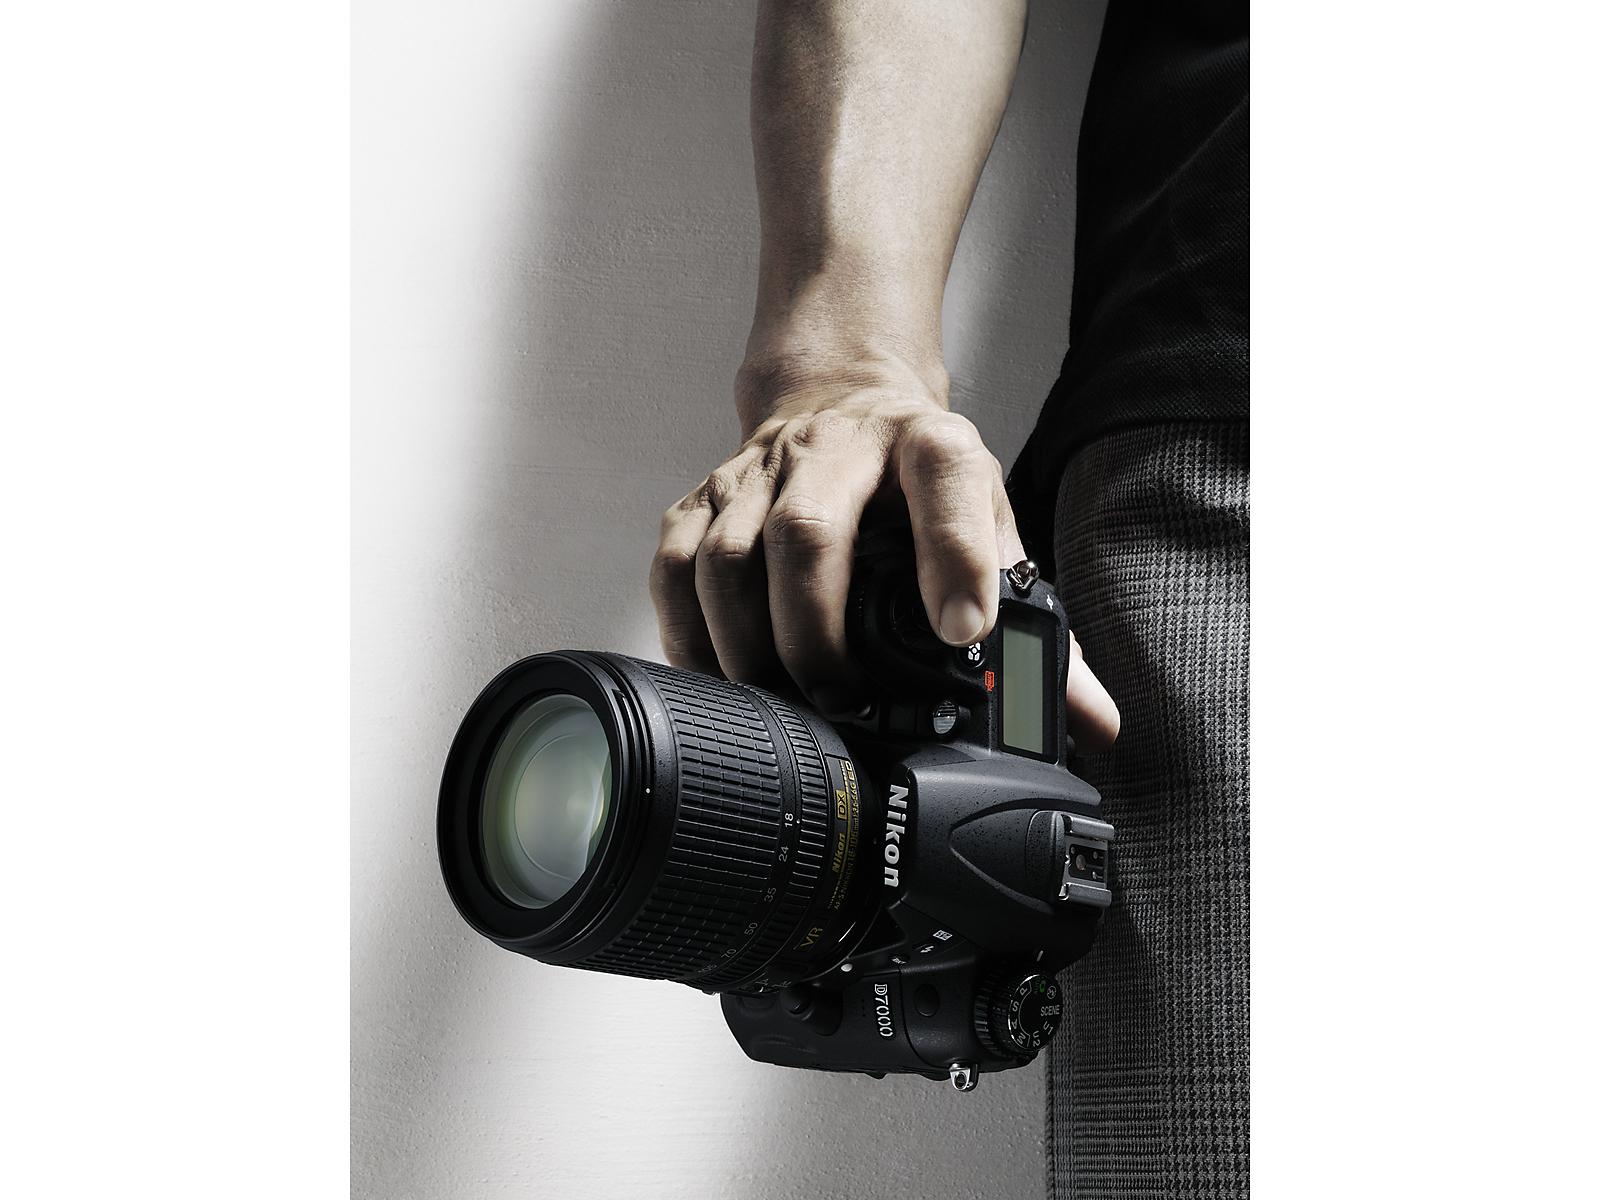 Nikon D7000 - 16